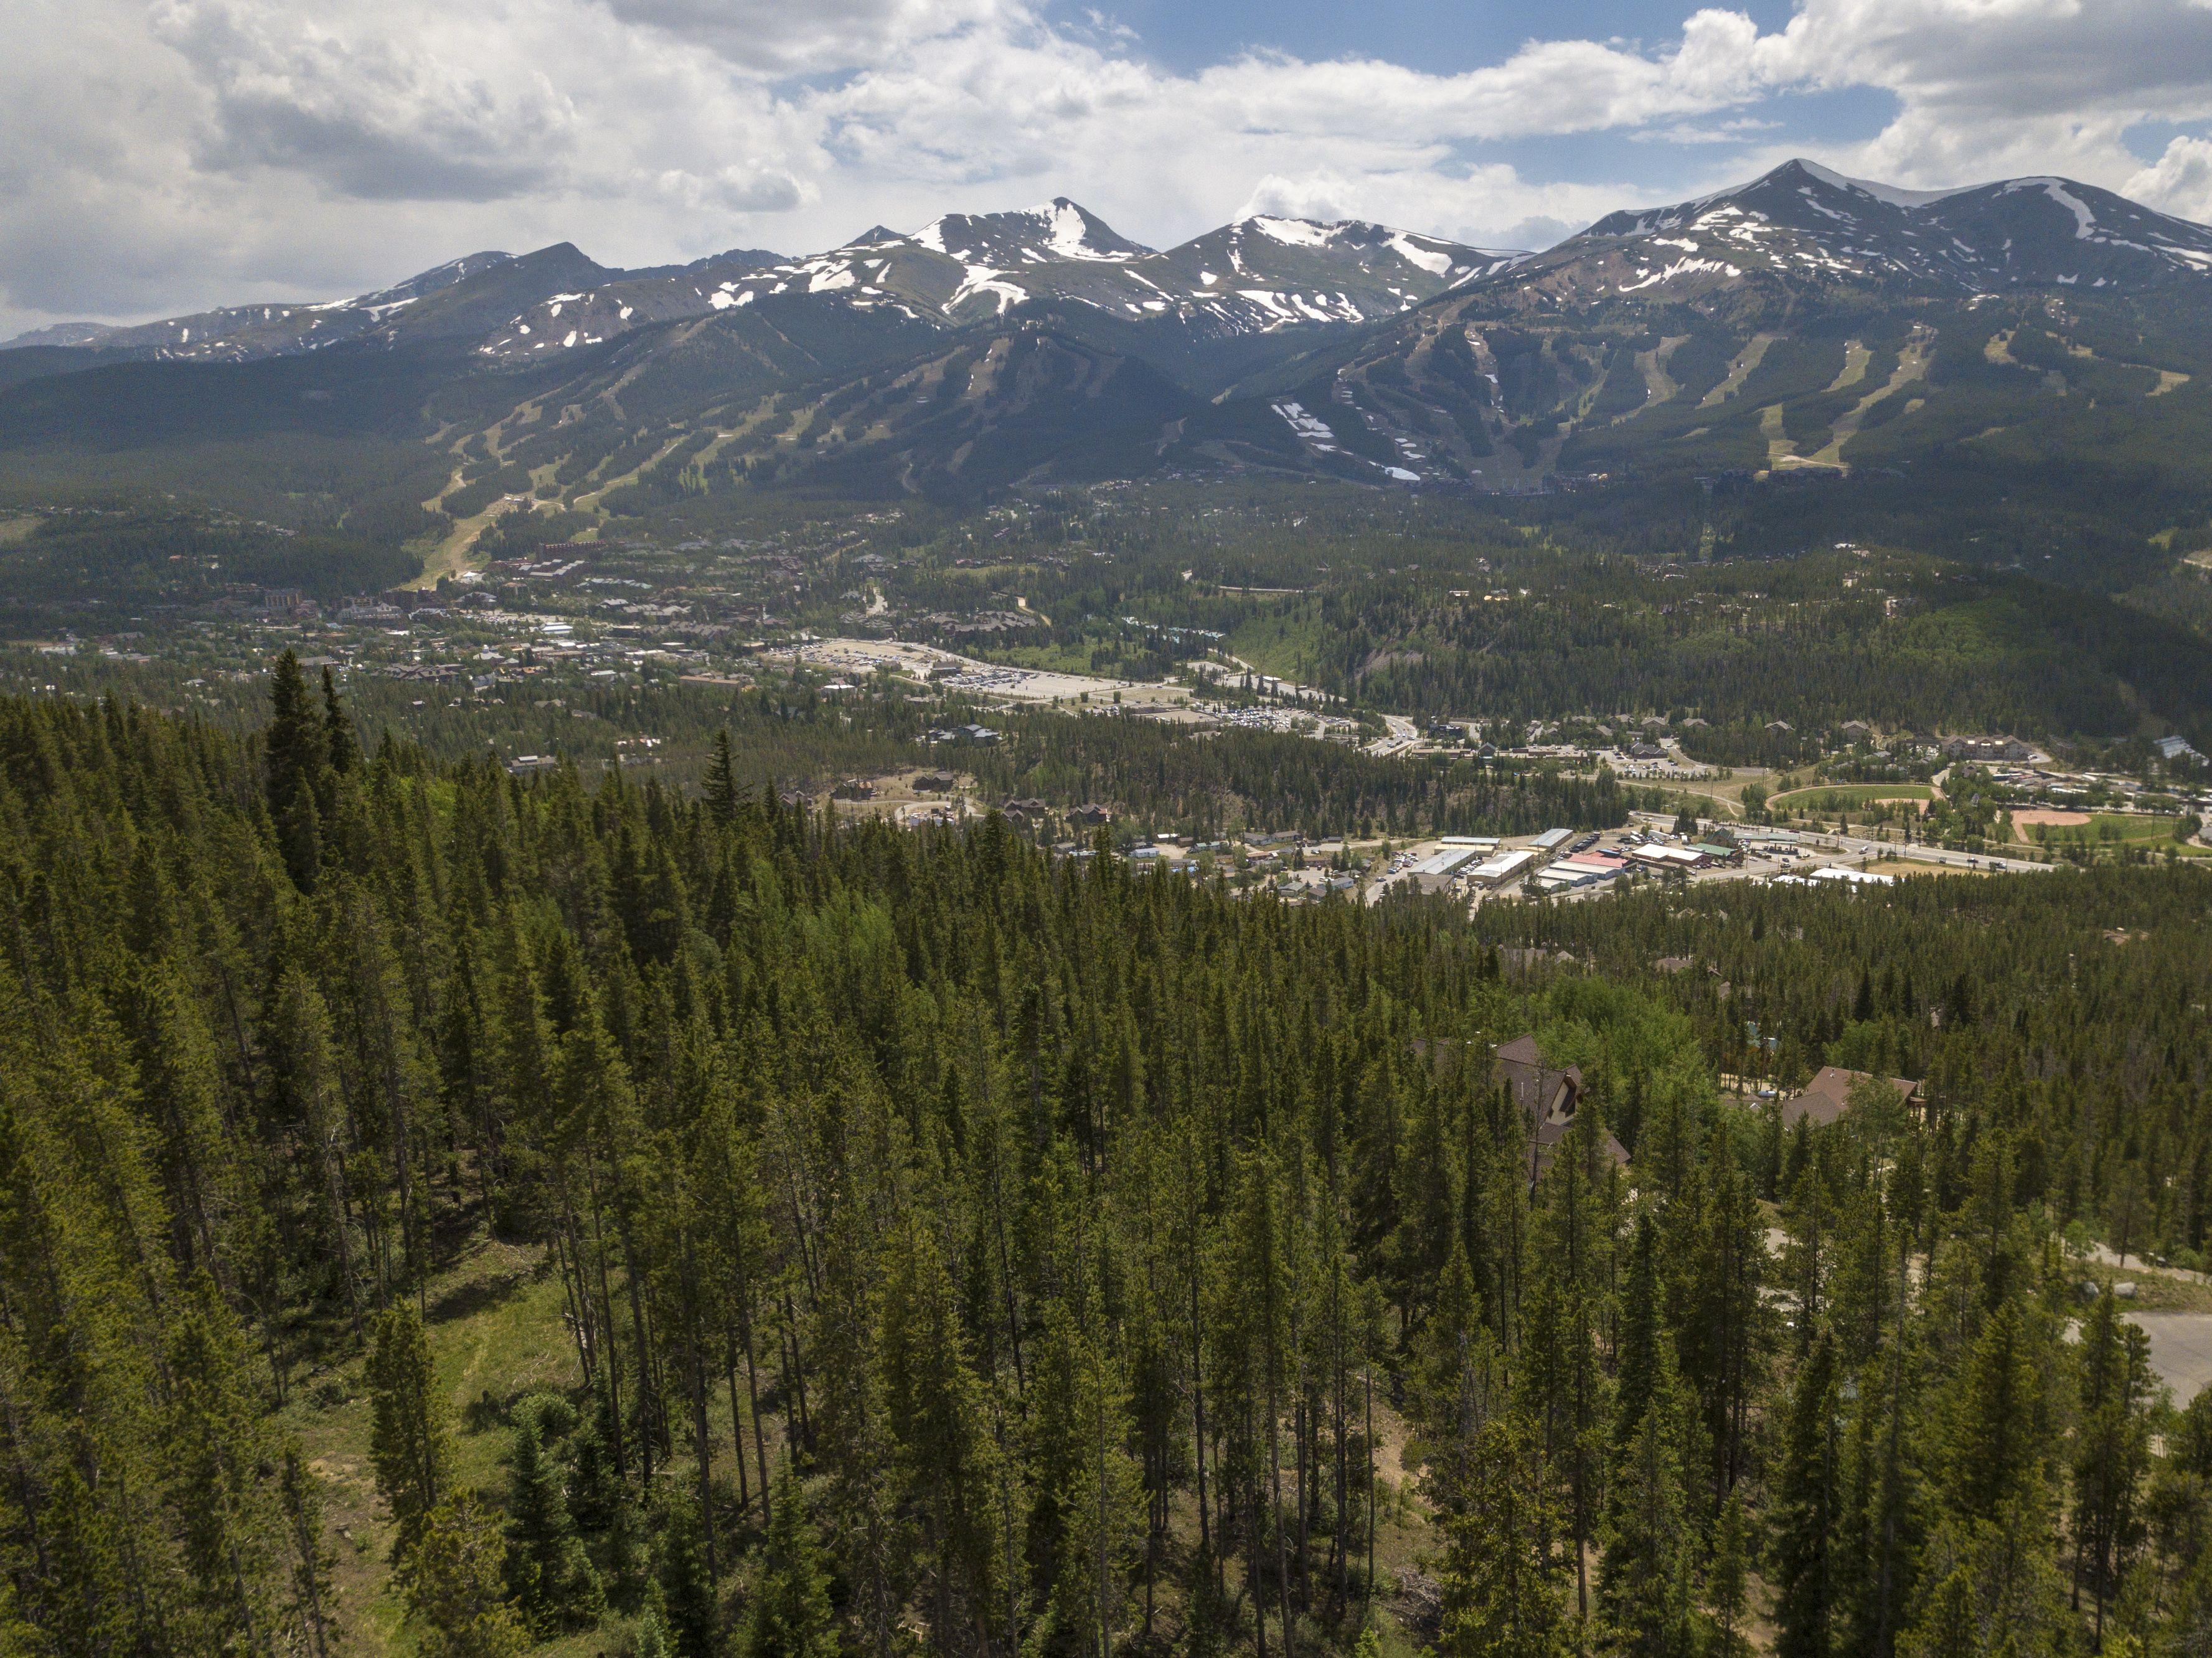 19 BEARING TREE ROAD BRECKENRIDGE, Colorado 80424